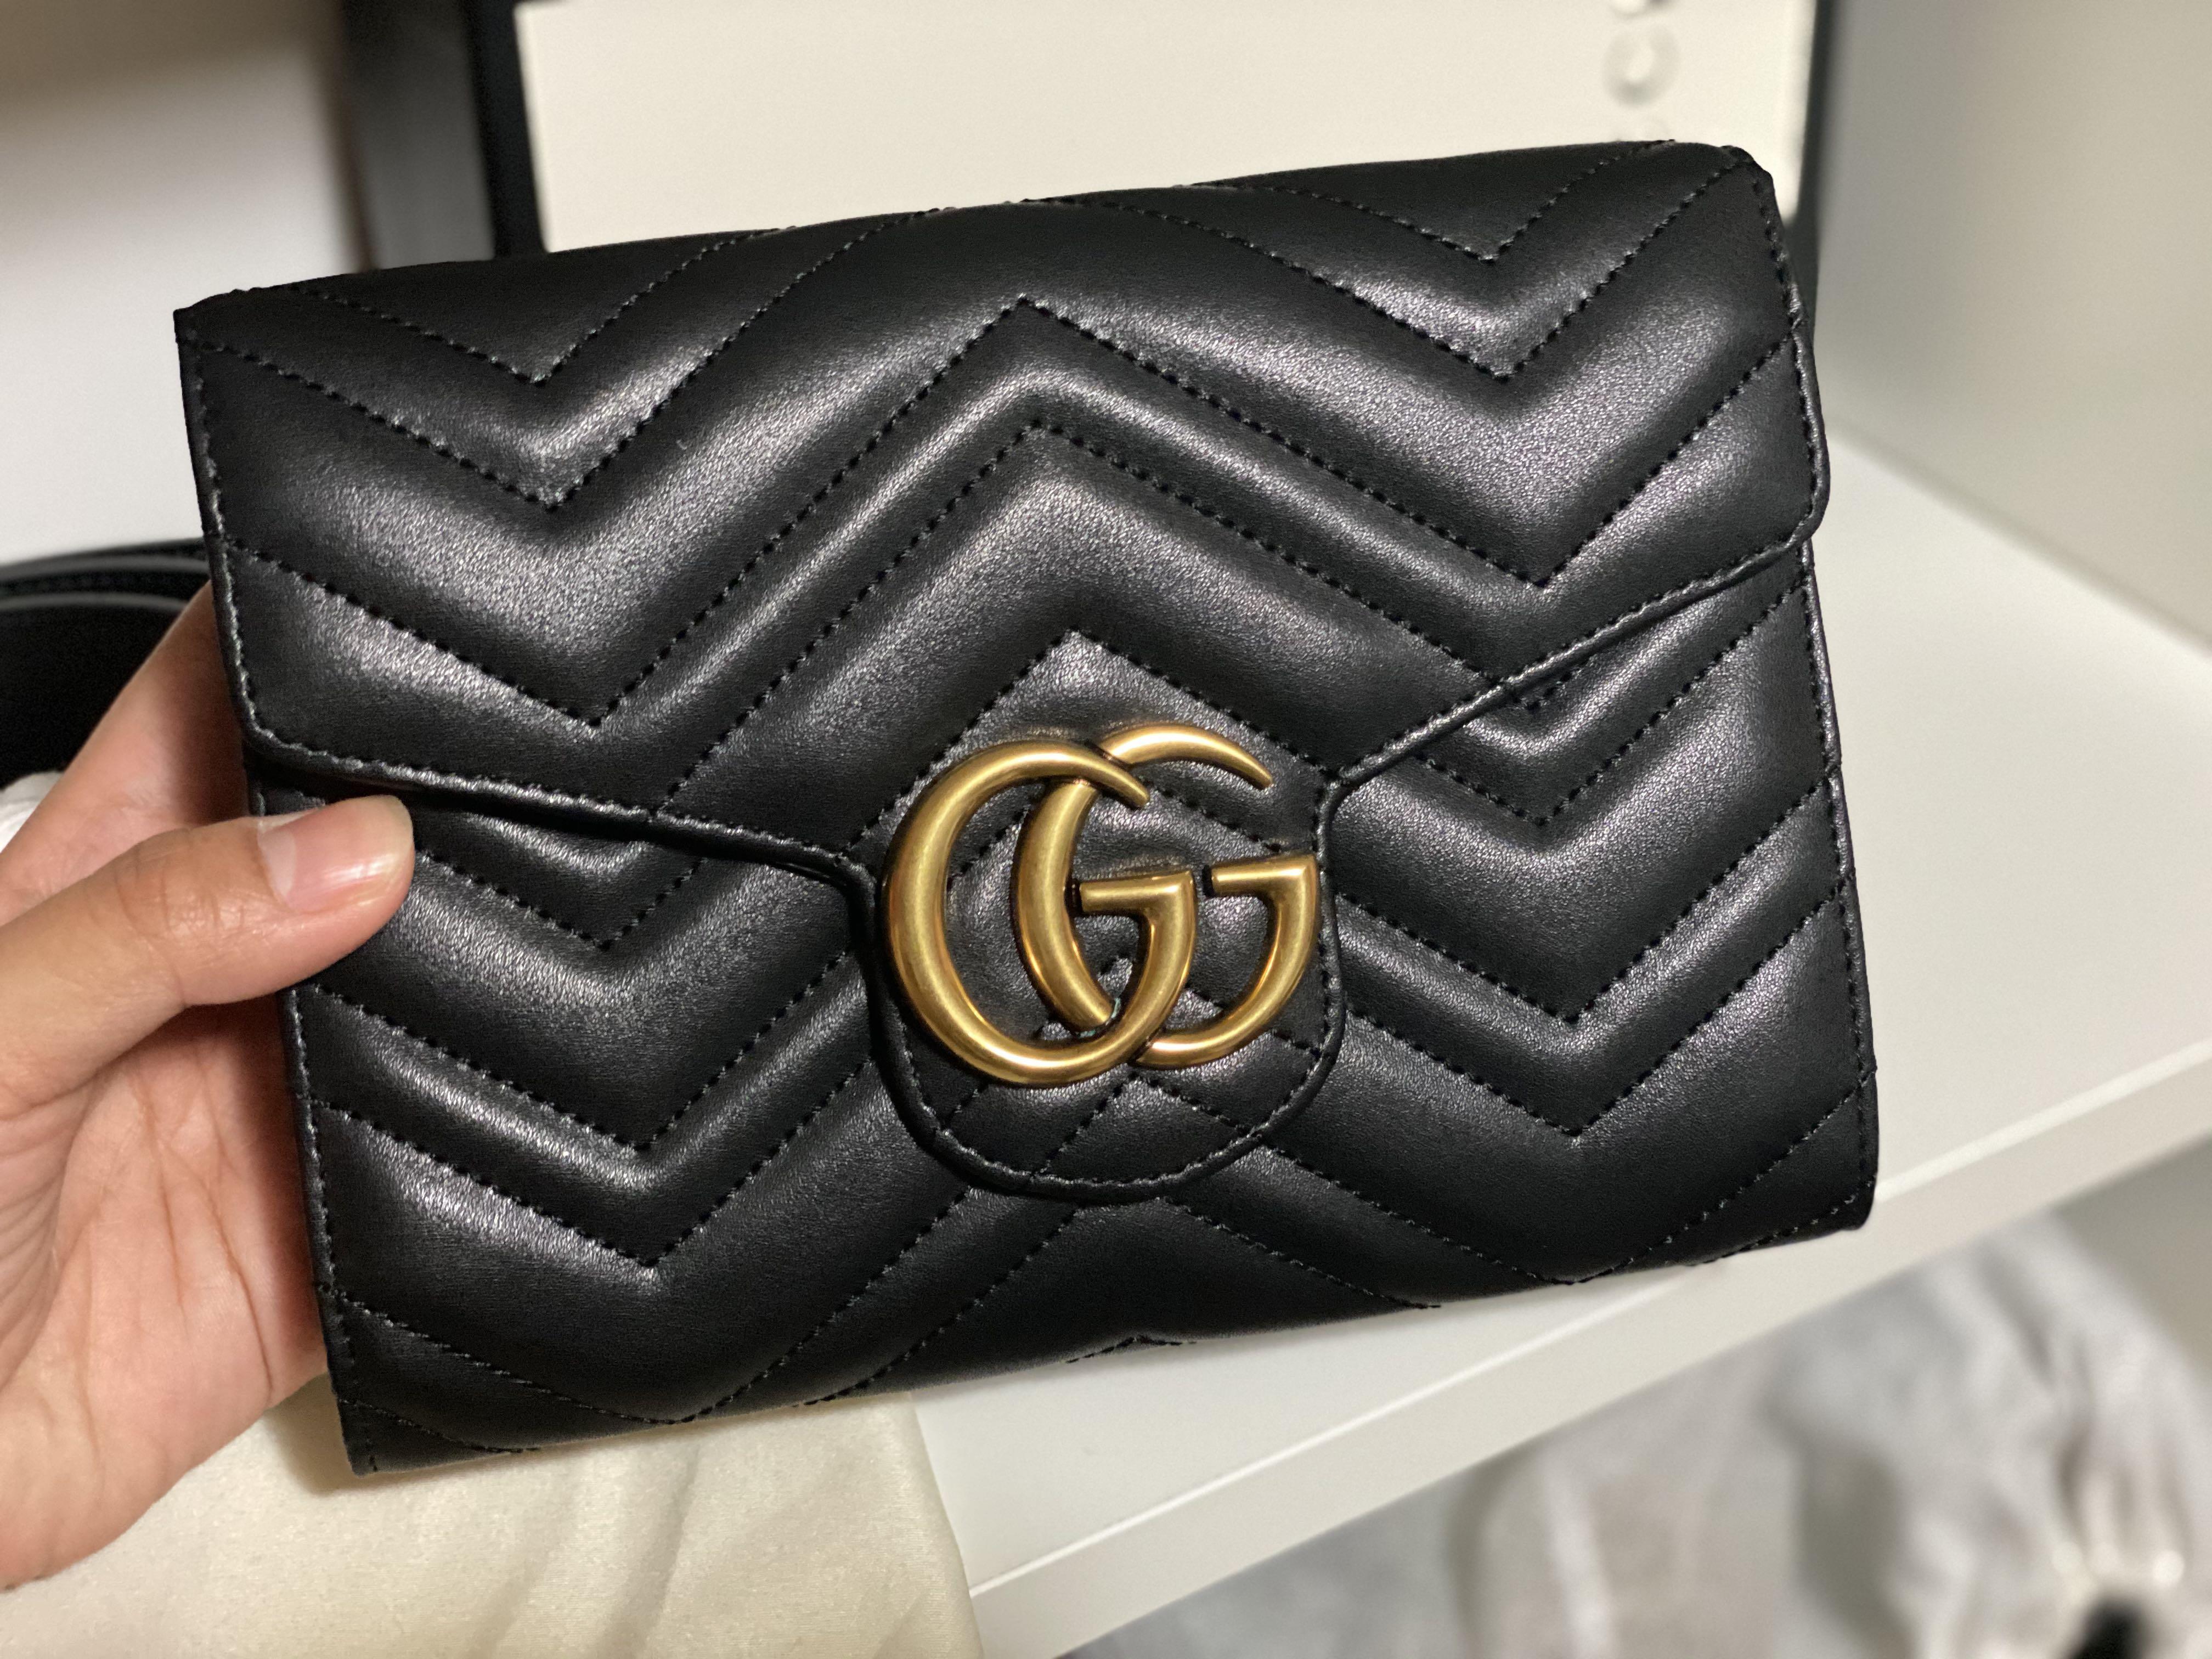 G chain wallet